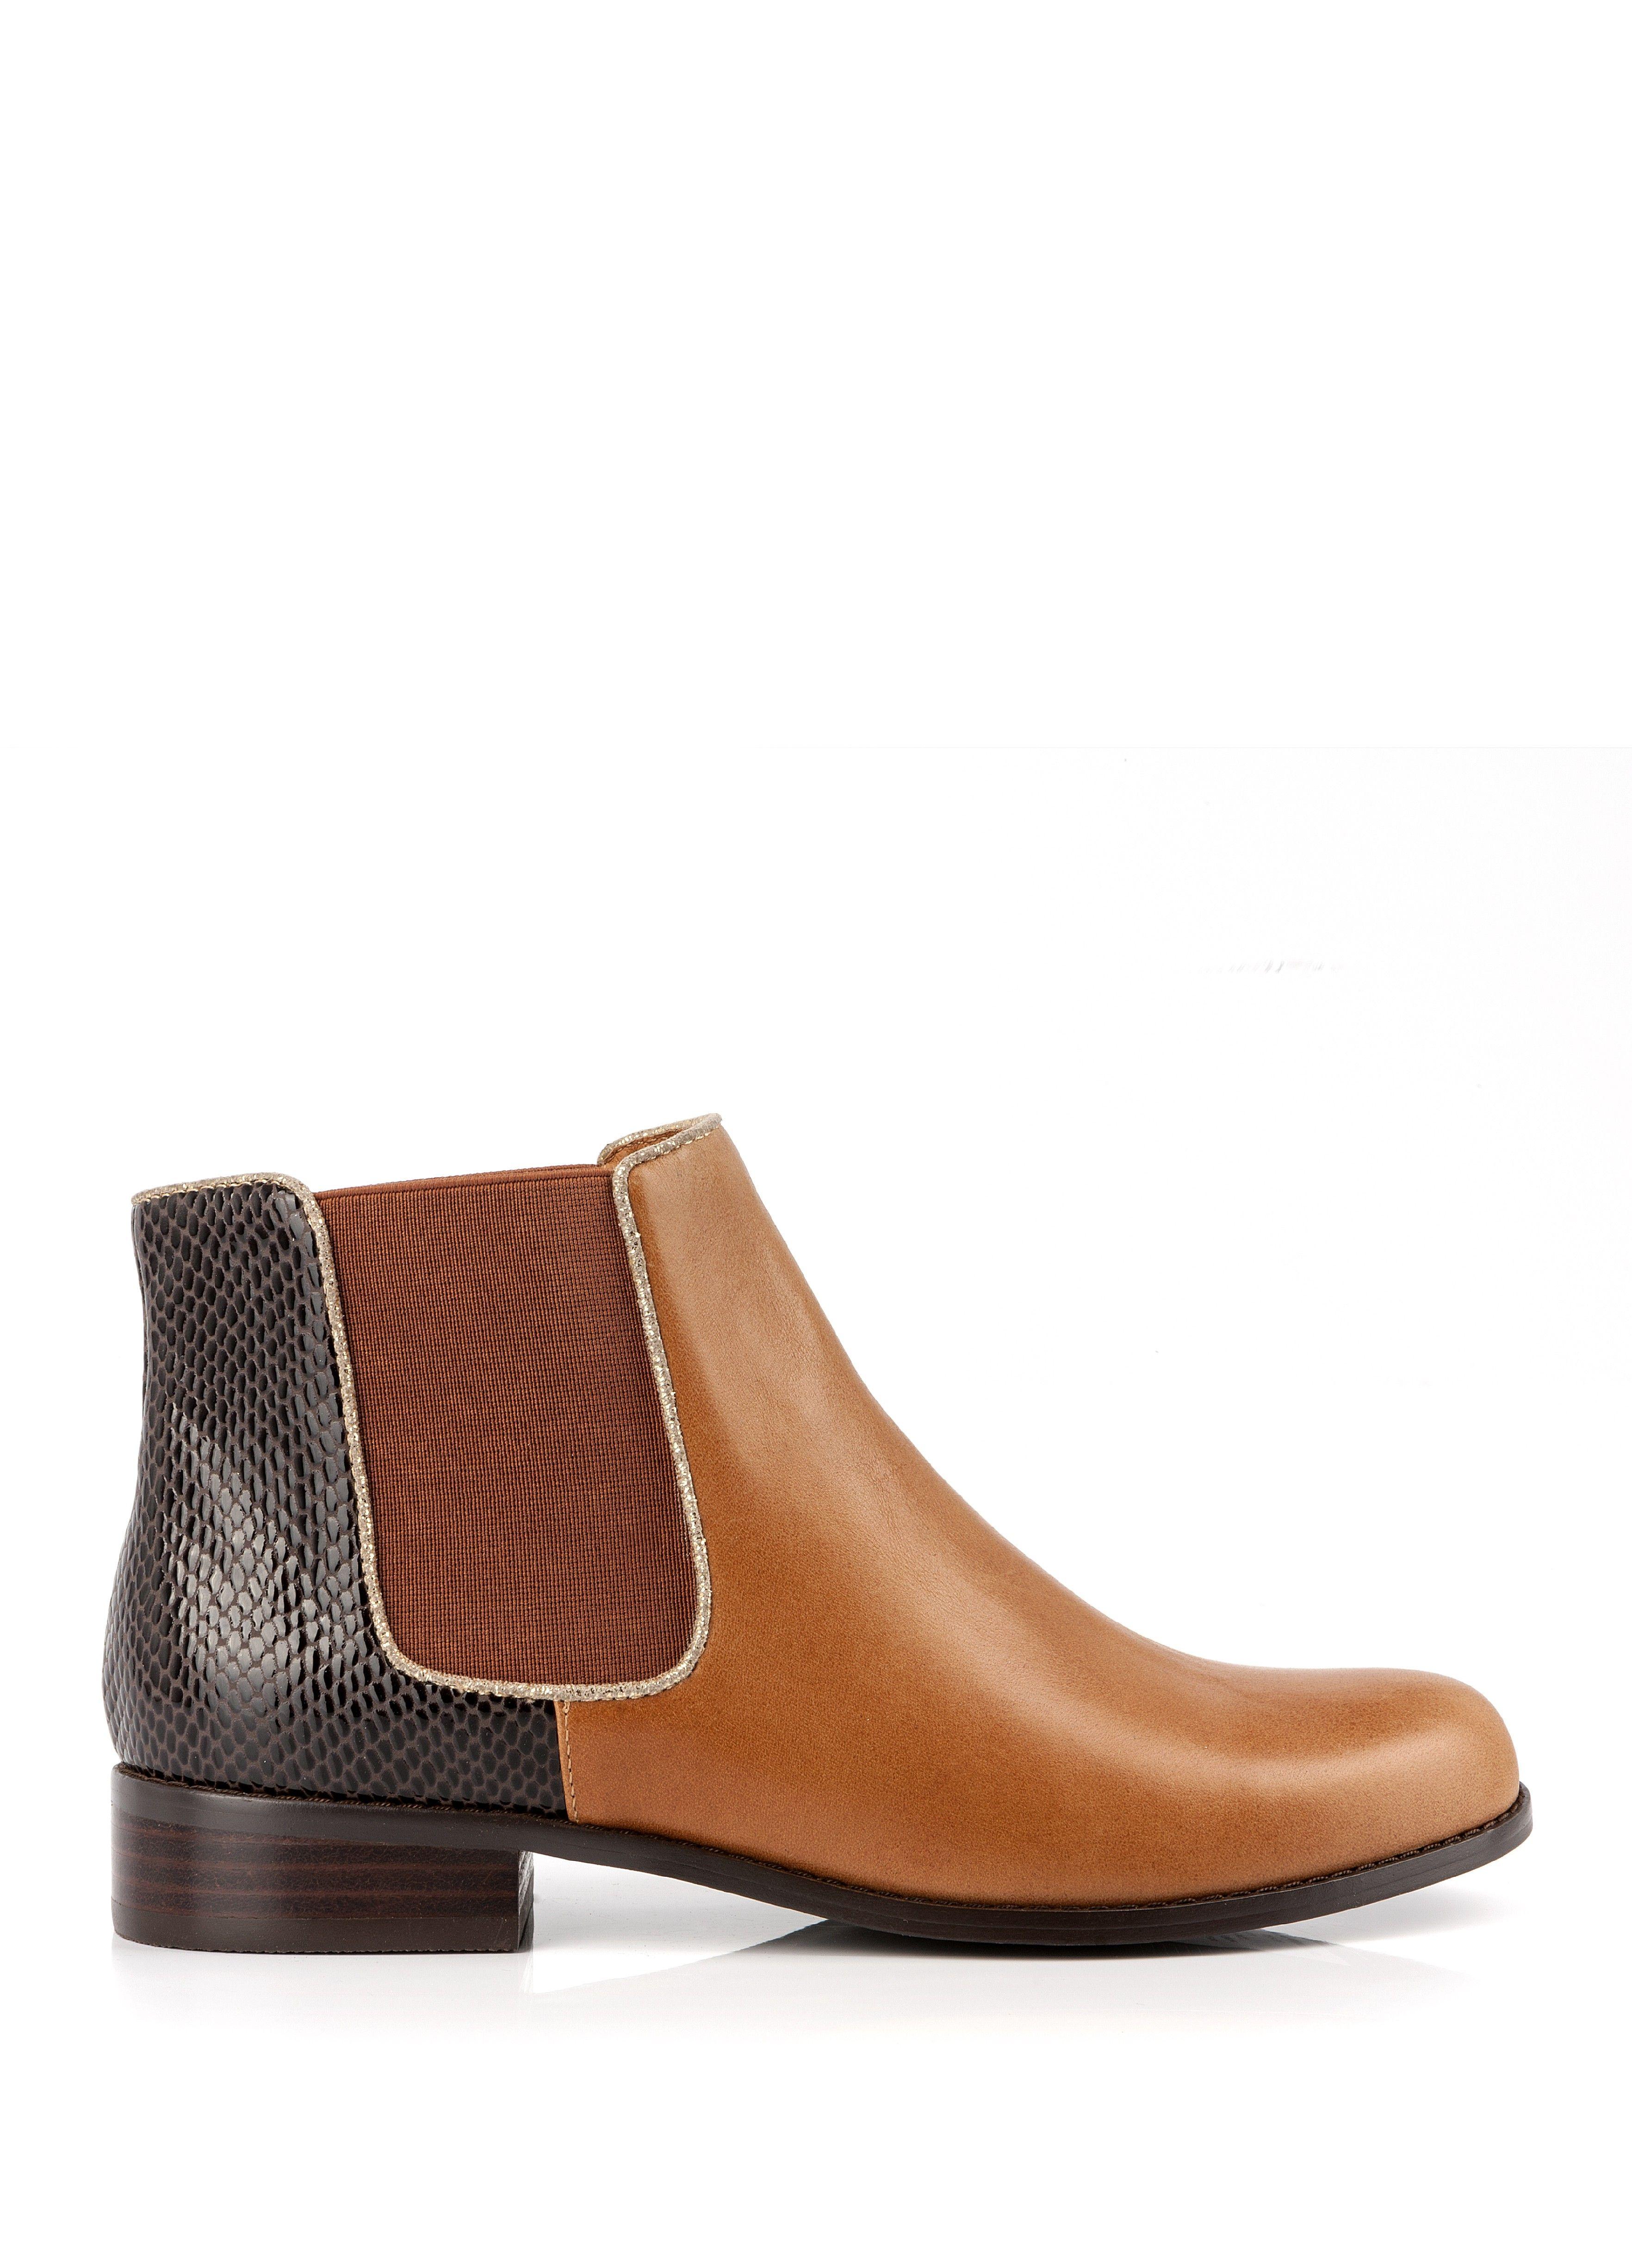 bottine tazo camel - bottines - chaussures femme - femme